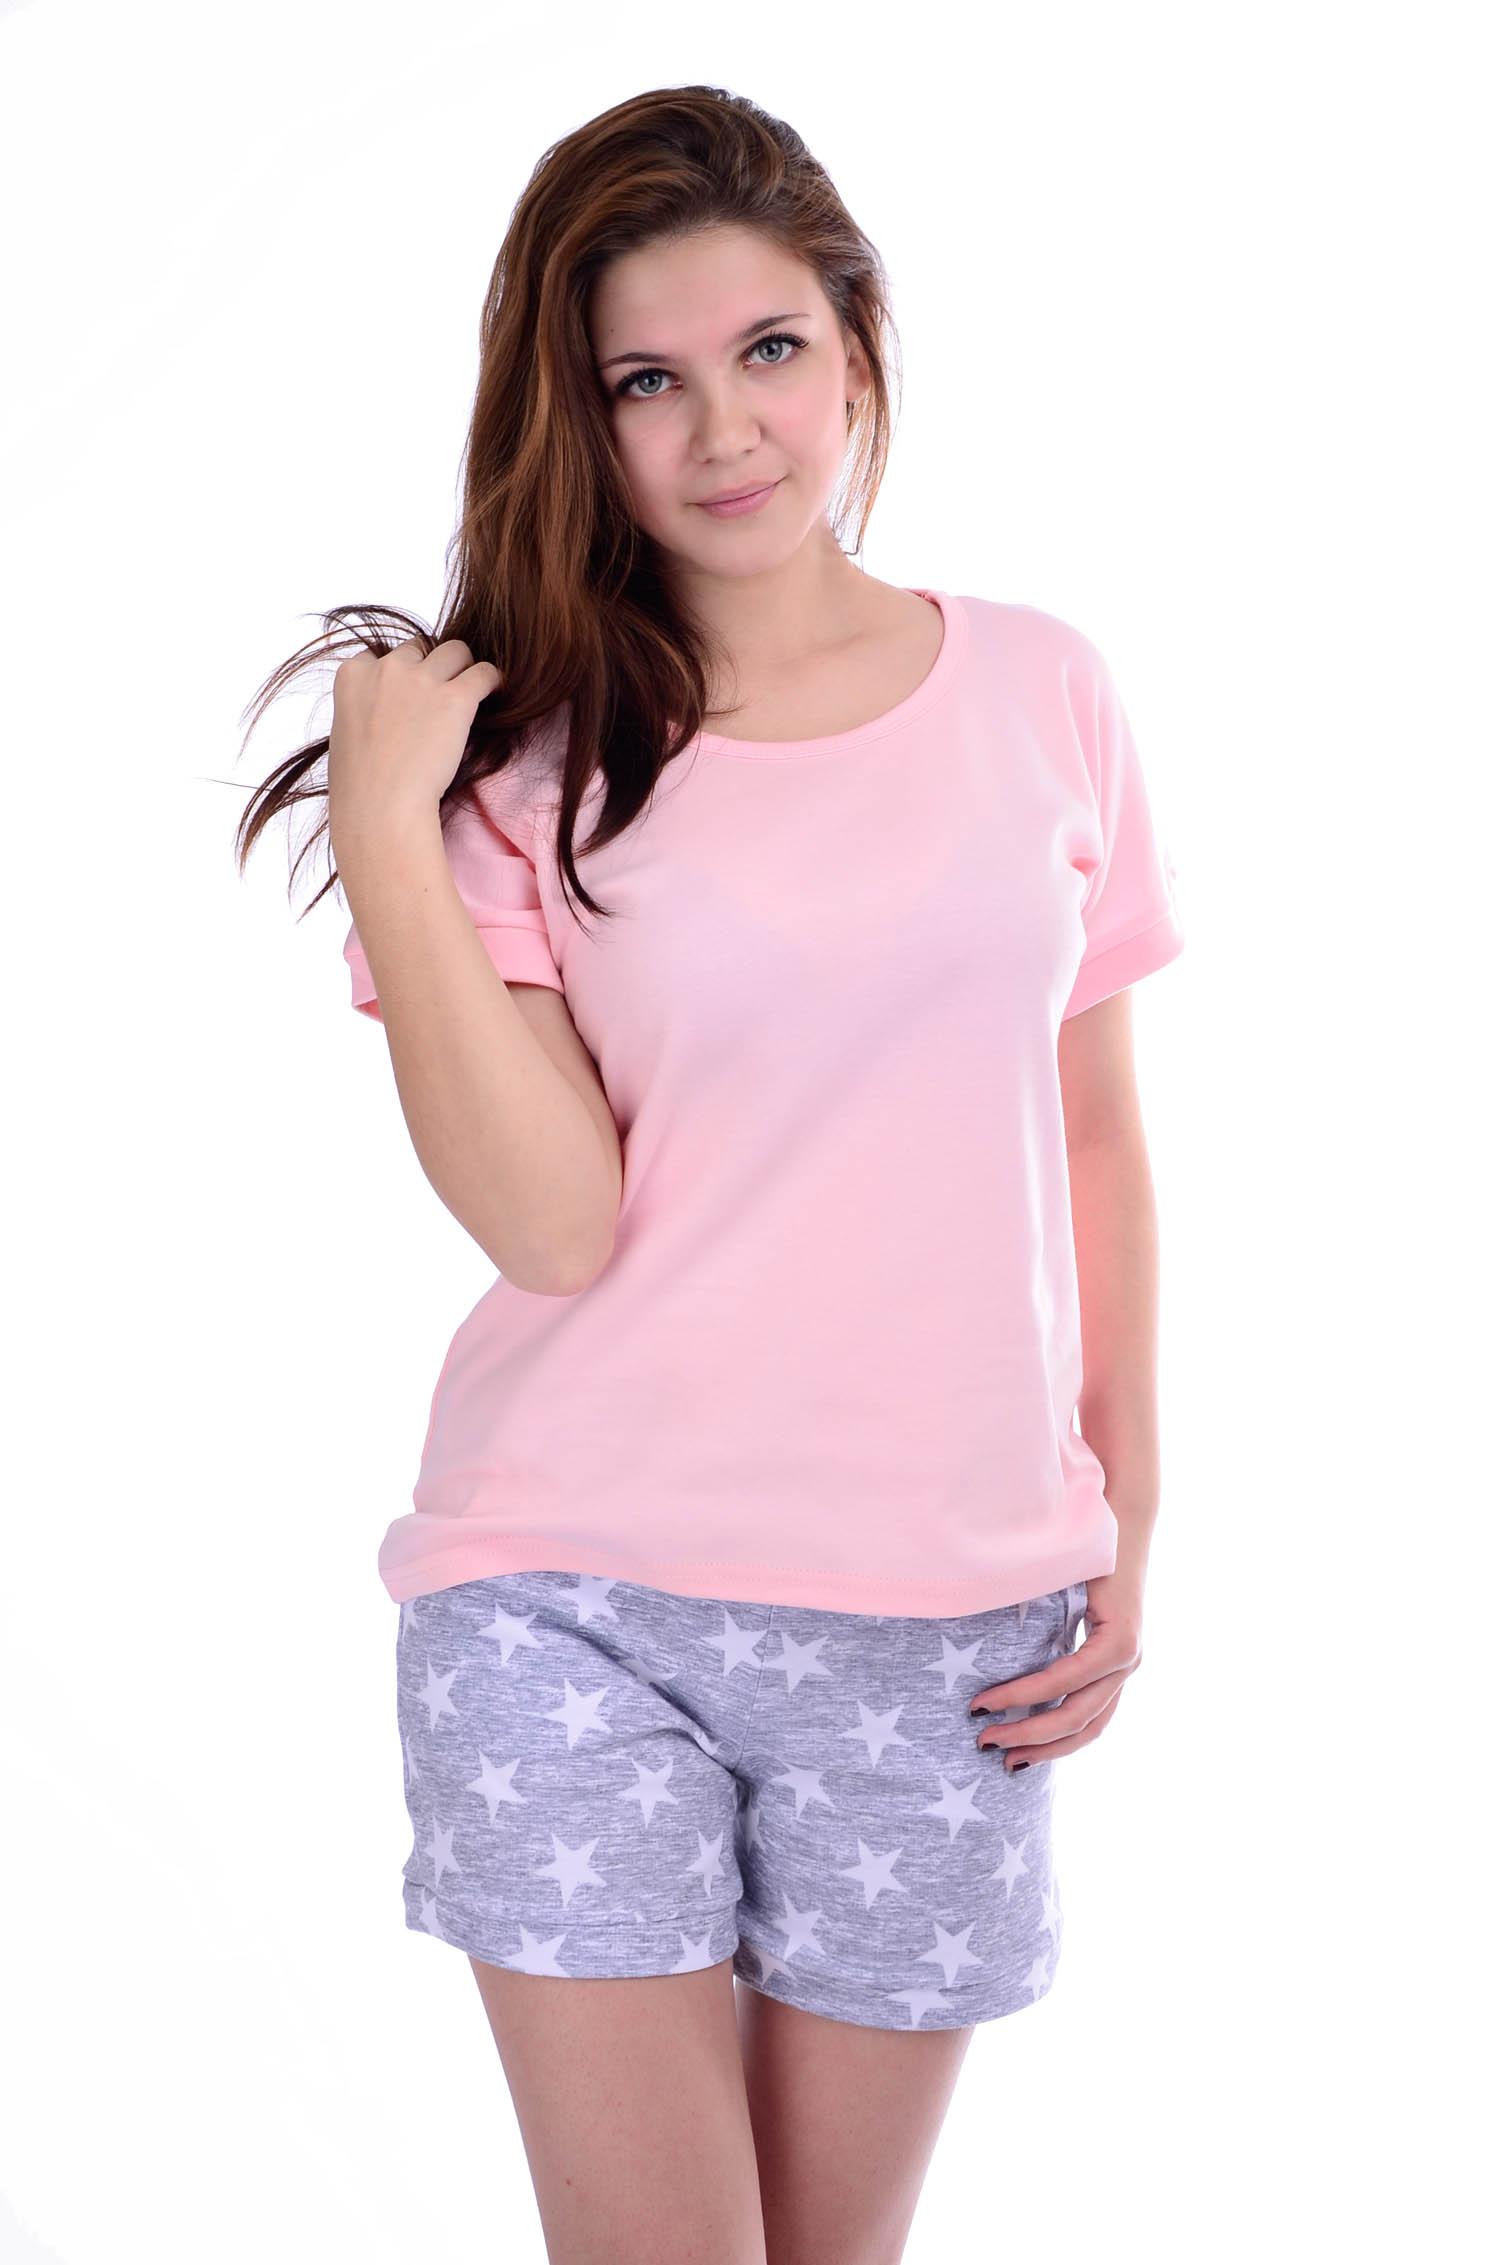 Костюм женский Мираж футболка и шортыДомашняя одежда<br><br><br>Размер: 48